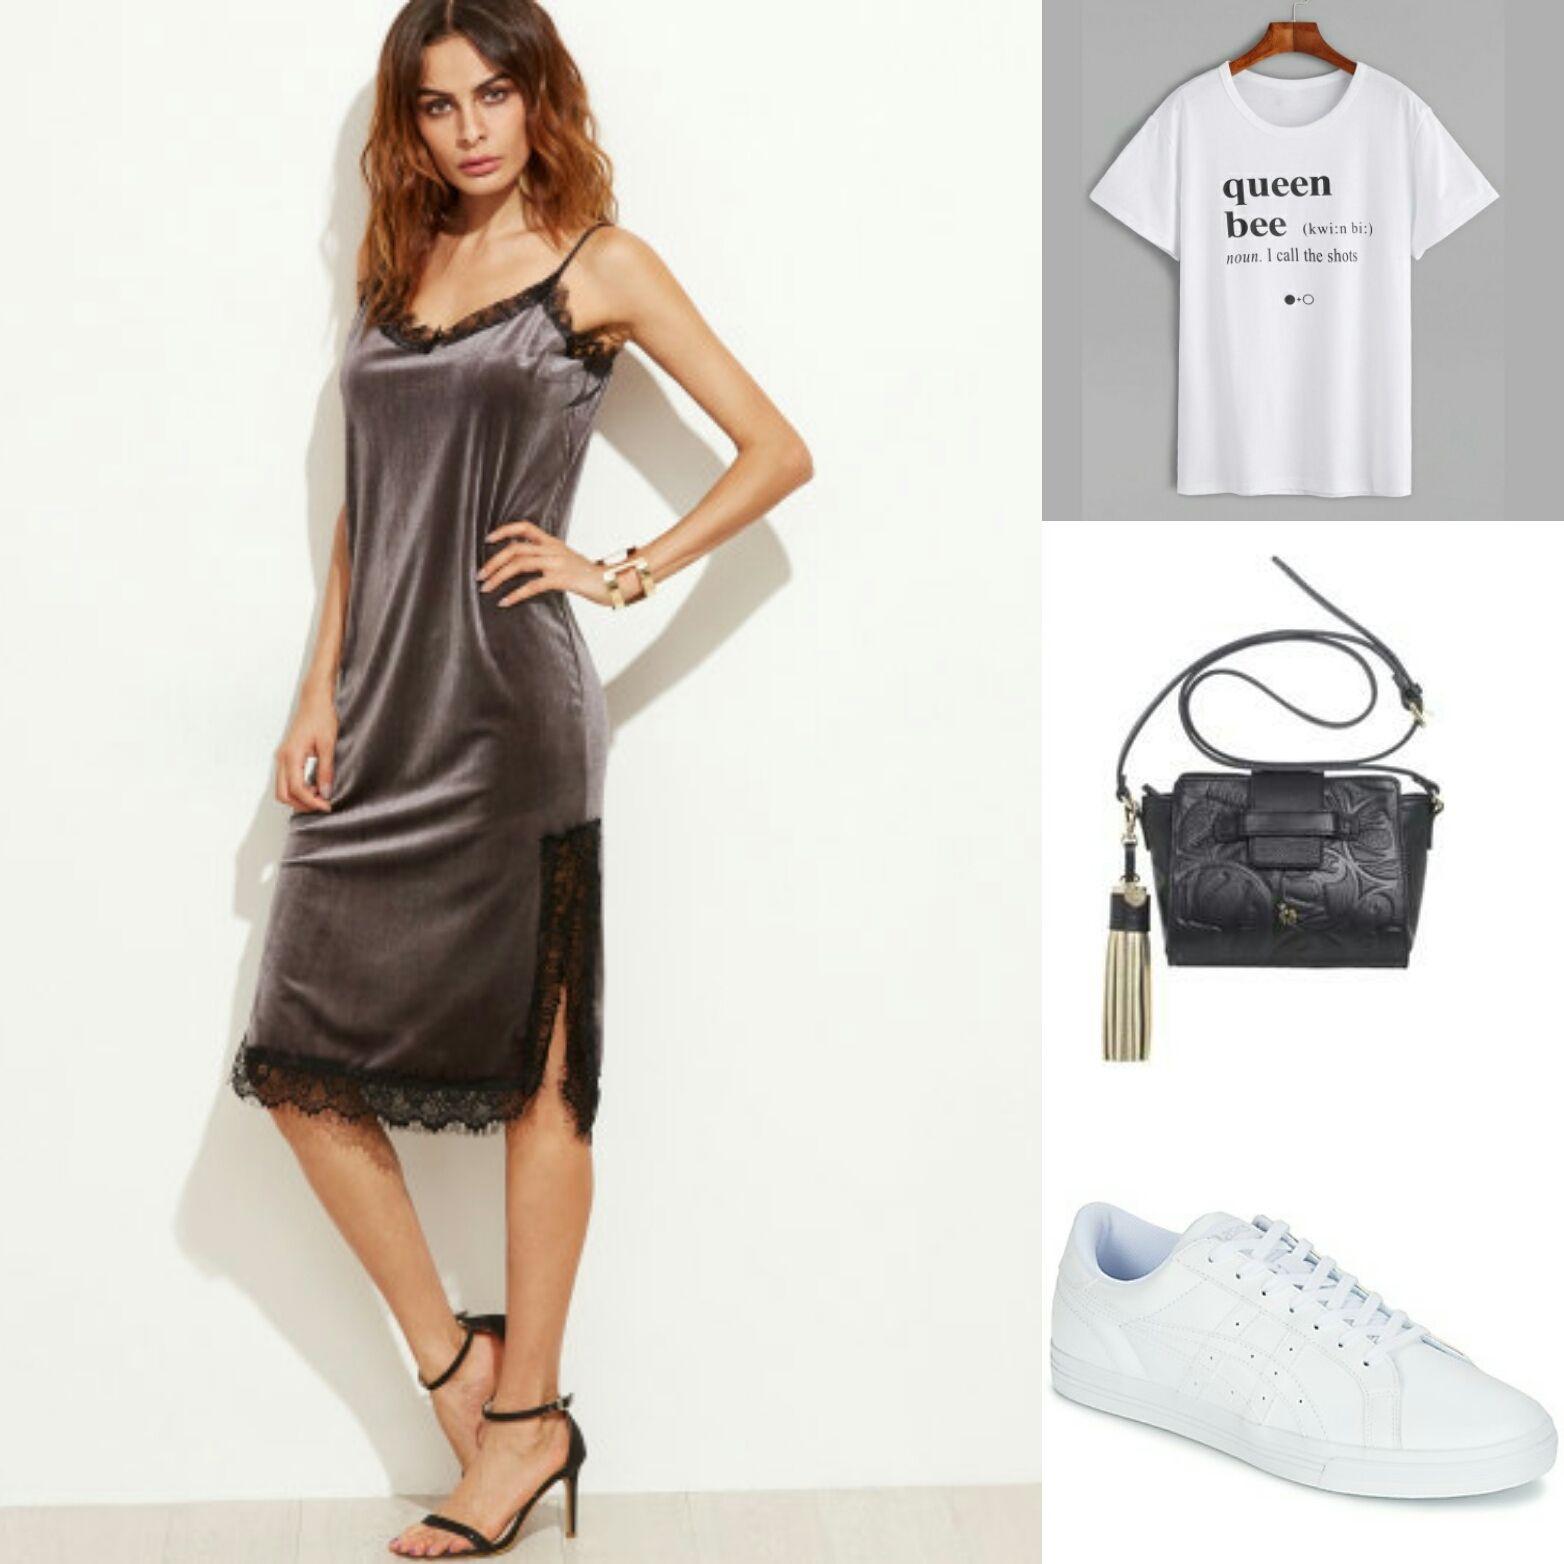 Shopping: Vestido con camiseta. - Temporada: Otoño-Invierno - Tags: look, trends, fashion, moda, stardivarius - Descripción: El vestido con camiseta está de moda.